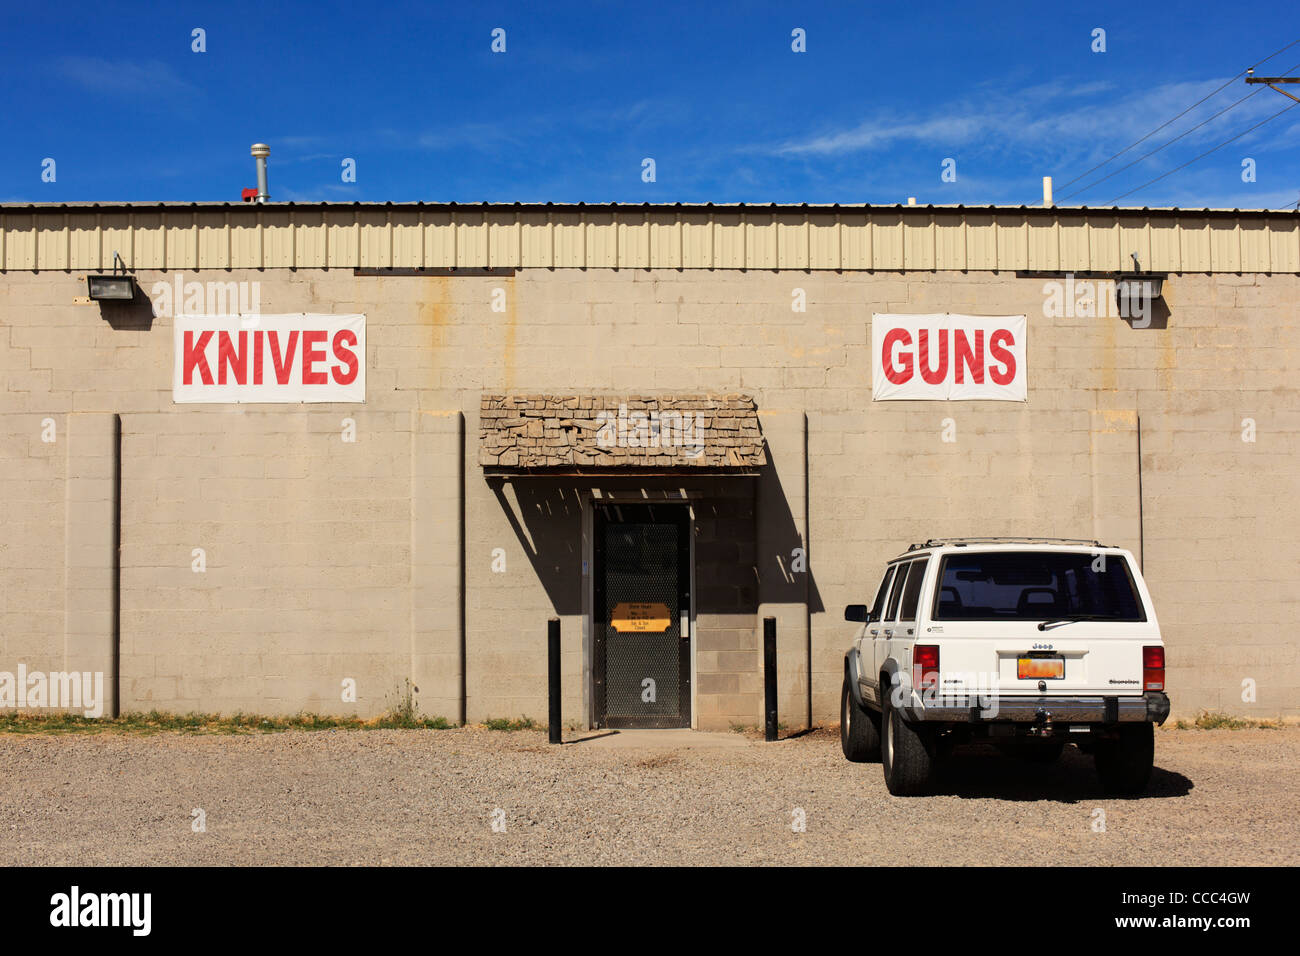 Tienda de venta de navajas y pistolas, Nuevo México, EE.UU. Licencia de vehículo (oculta). Foto de stock